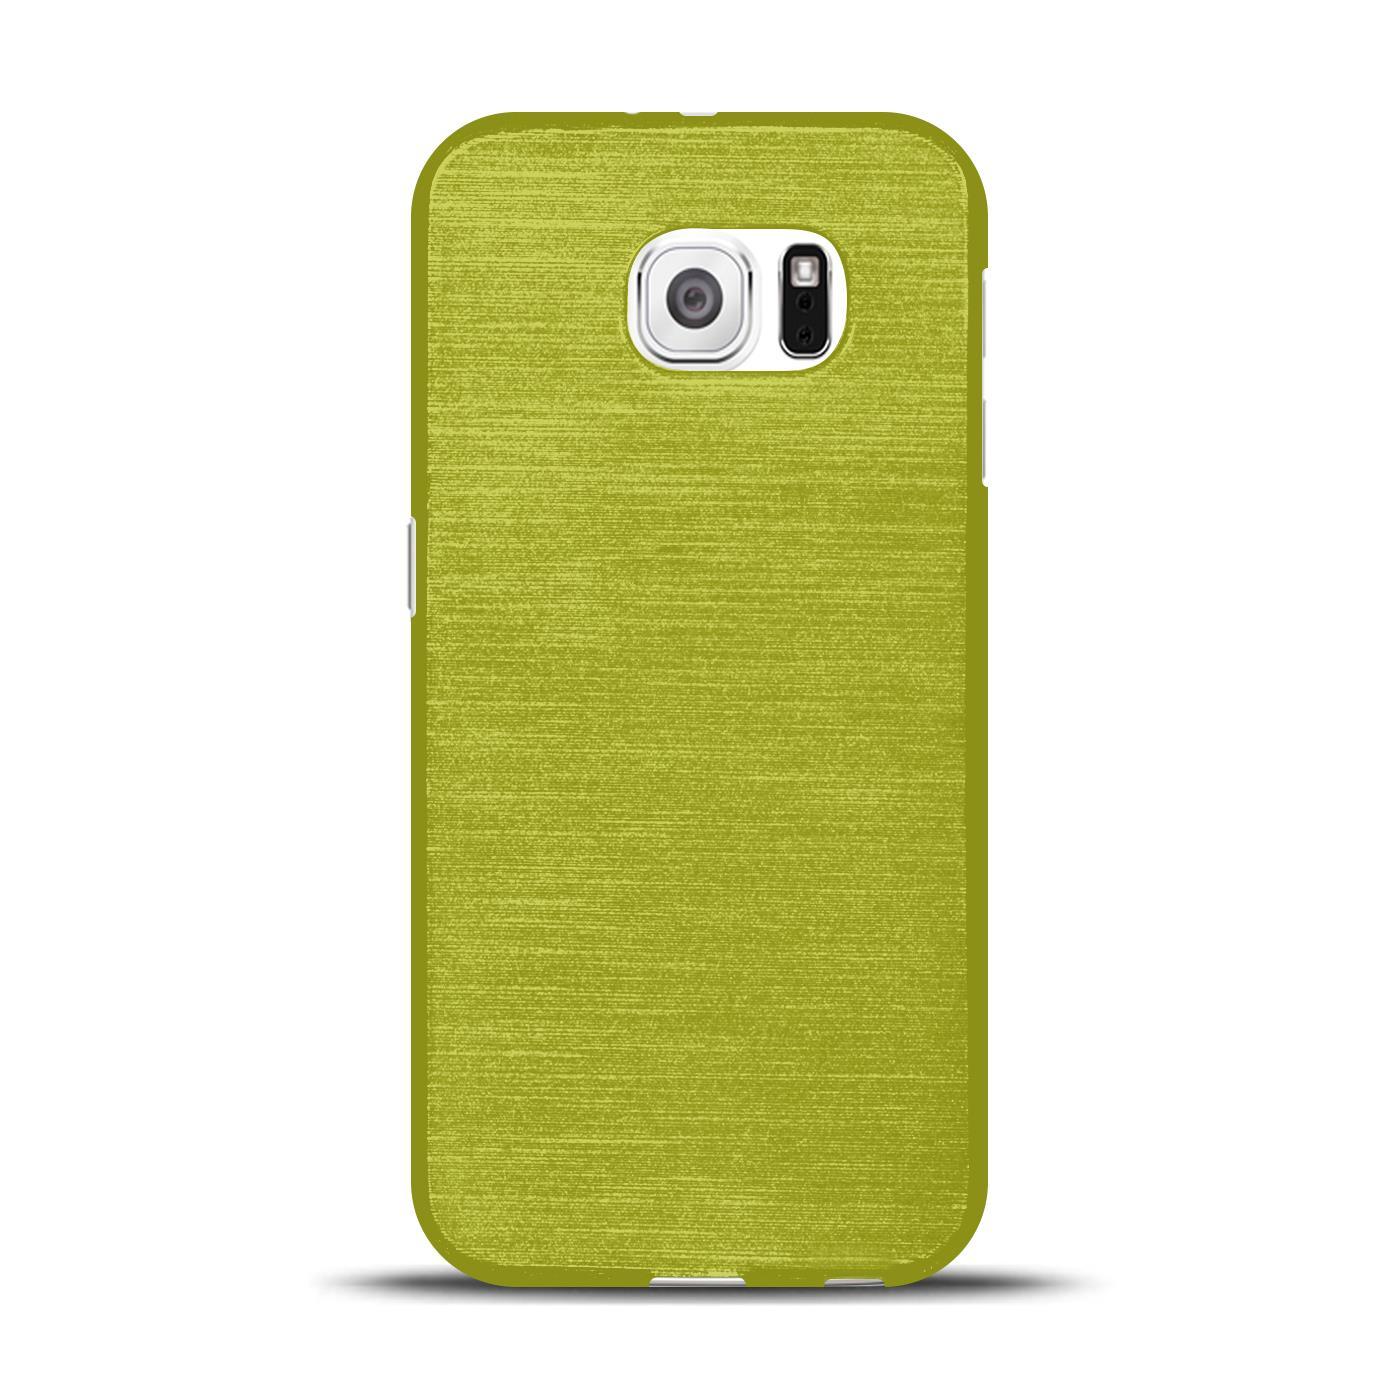 Silikon-Bumper-Case-fuer-Samsung-Galaxy-s6-duenne-ultra-slim-Stossfeste-Rueckschale Indexbild 18